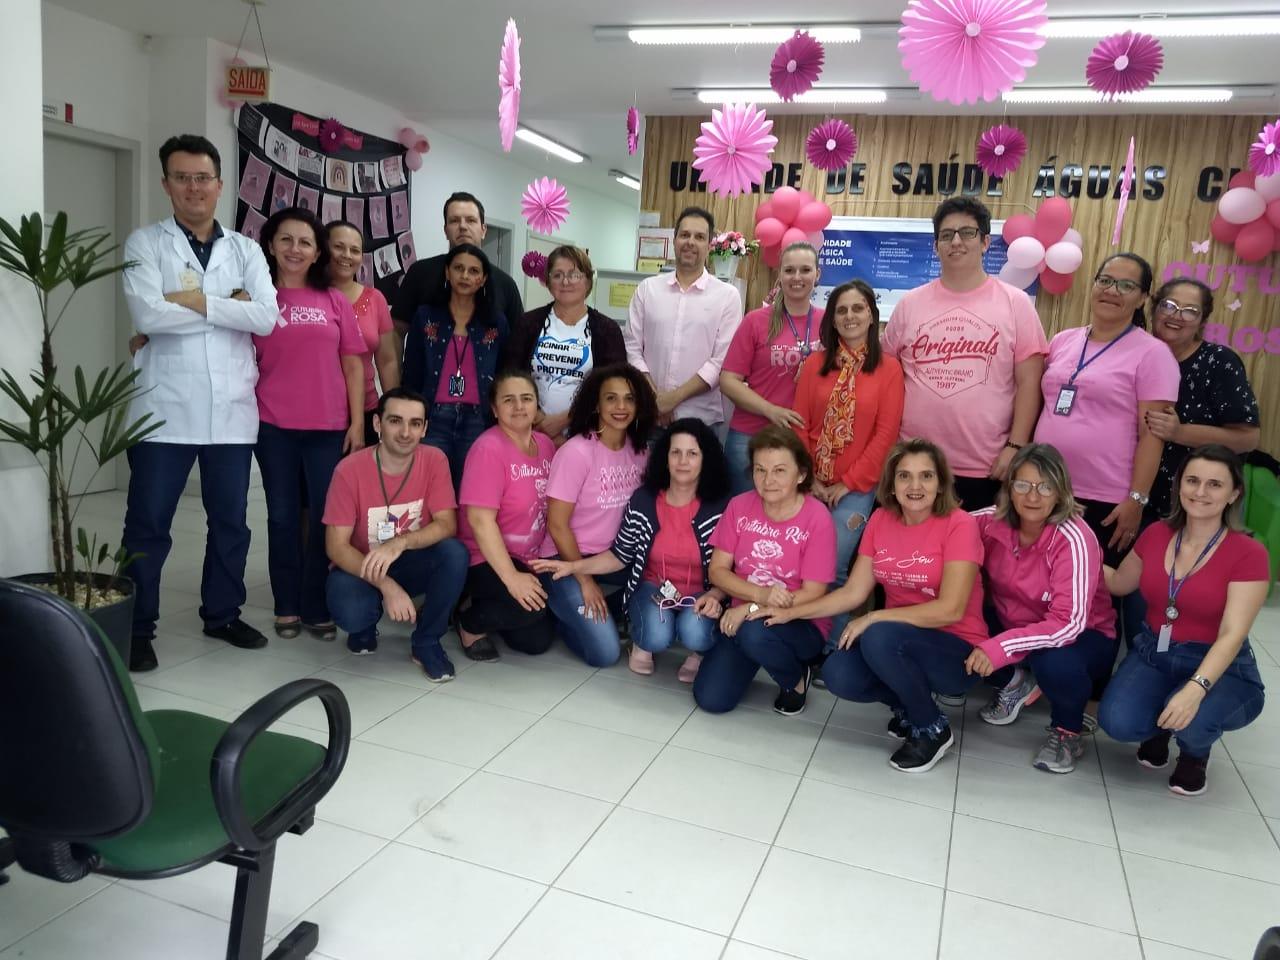 Evento do Outubro Rosa reúne quase 300 pessoas no Posto de Saúde de Águas Claras